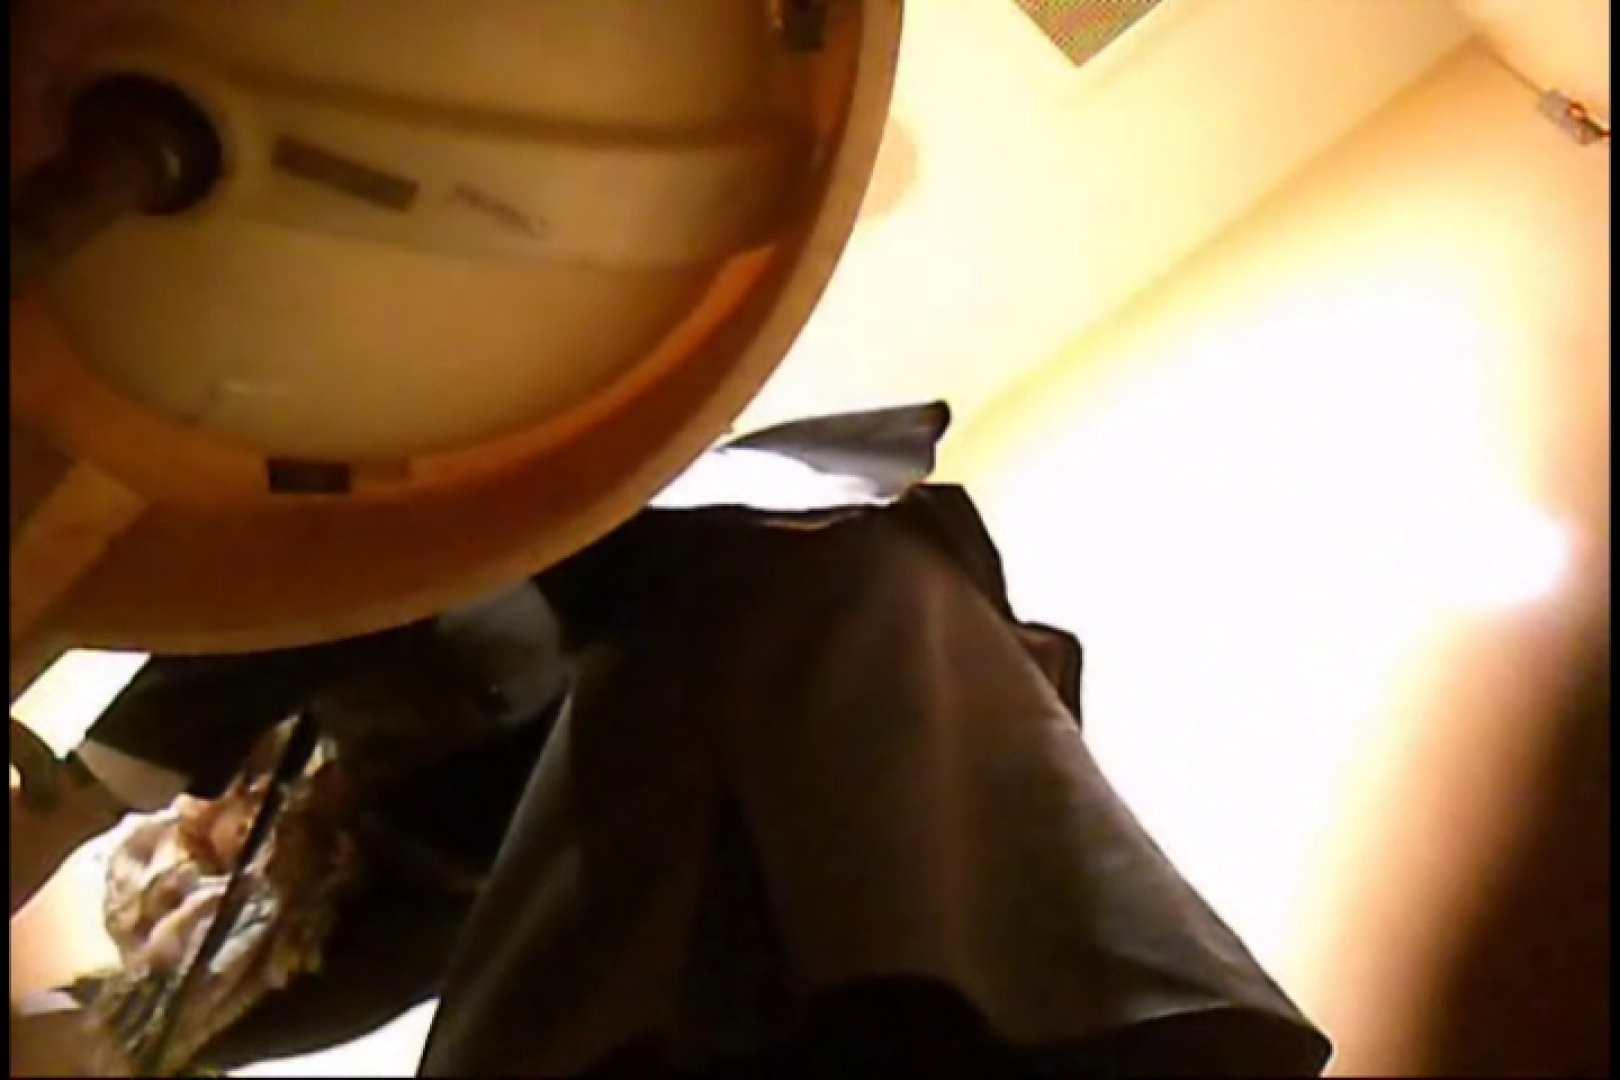 潜入!!女子化粧室盗撮~絶対見られたくない時間~vo,82 潜入突撃 オメコ動画キャプチャ 82pic 38